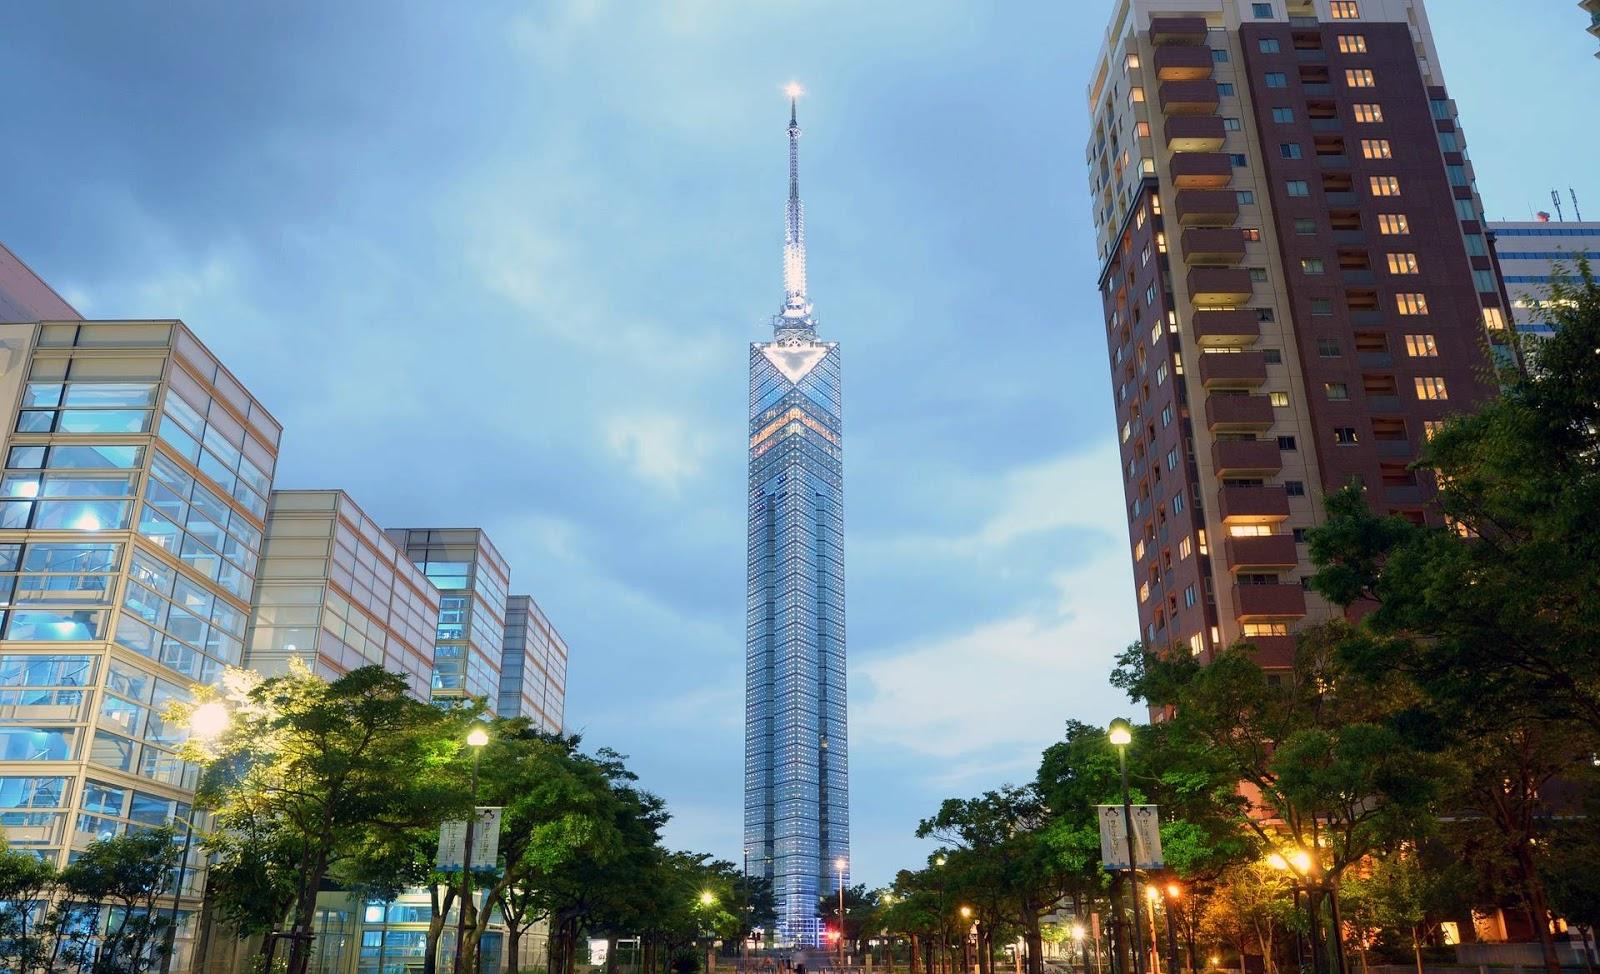 福岡-景點-推薦-福岡塔-福岡好玩景點-福岡必玩景點-福岡必去景點-福岡自由行景點-攻略-市區-郊區-旅遊-行程-Fukuoka-Tourist-Attraction